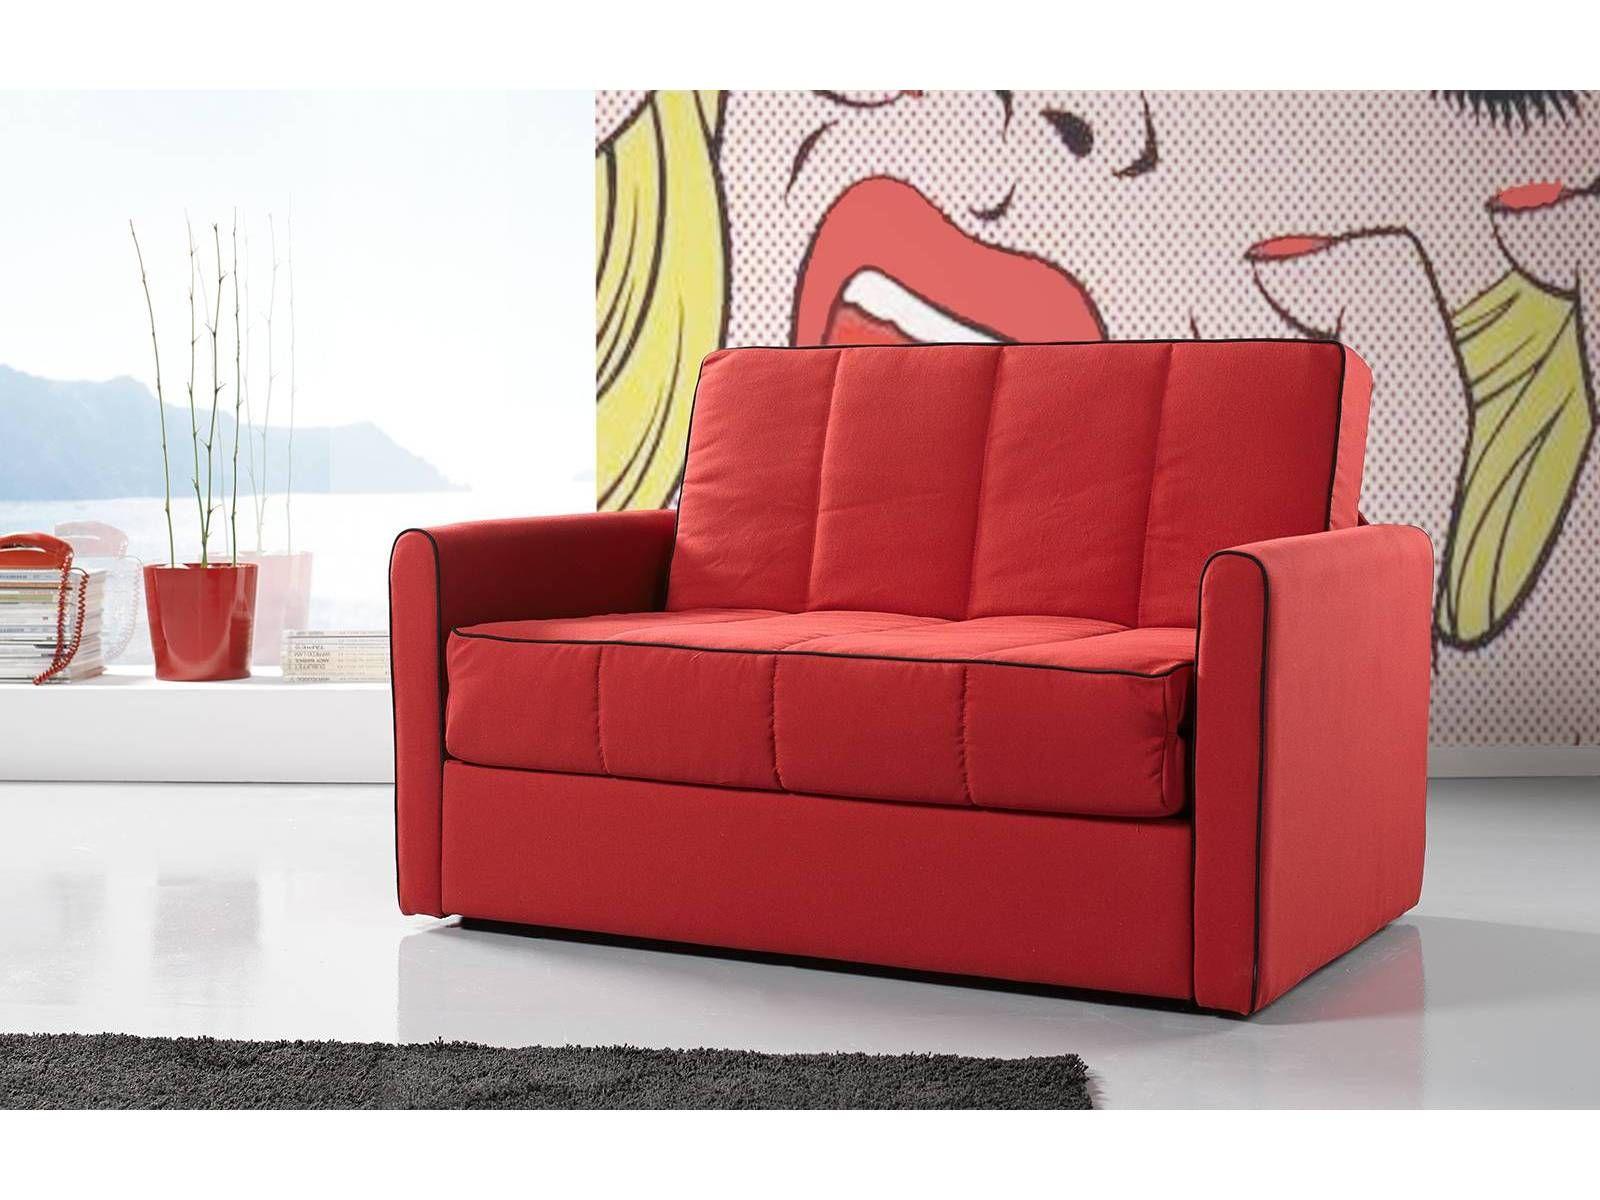 Cómo elegir un sofá cama perfecto para ti. Cuando se va a elegir un ...